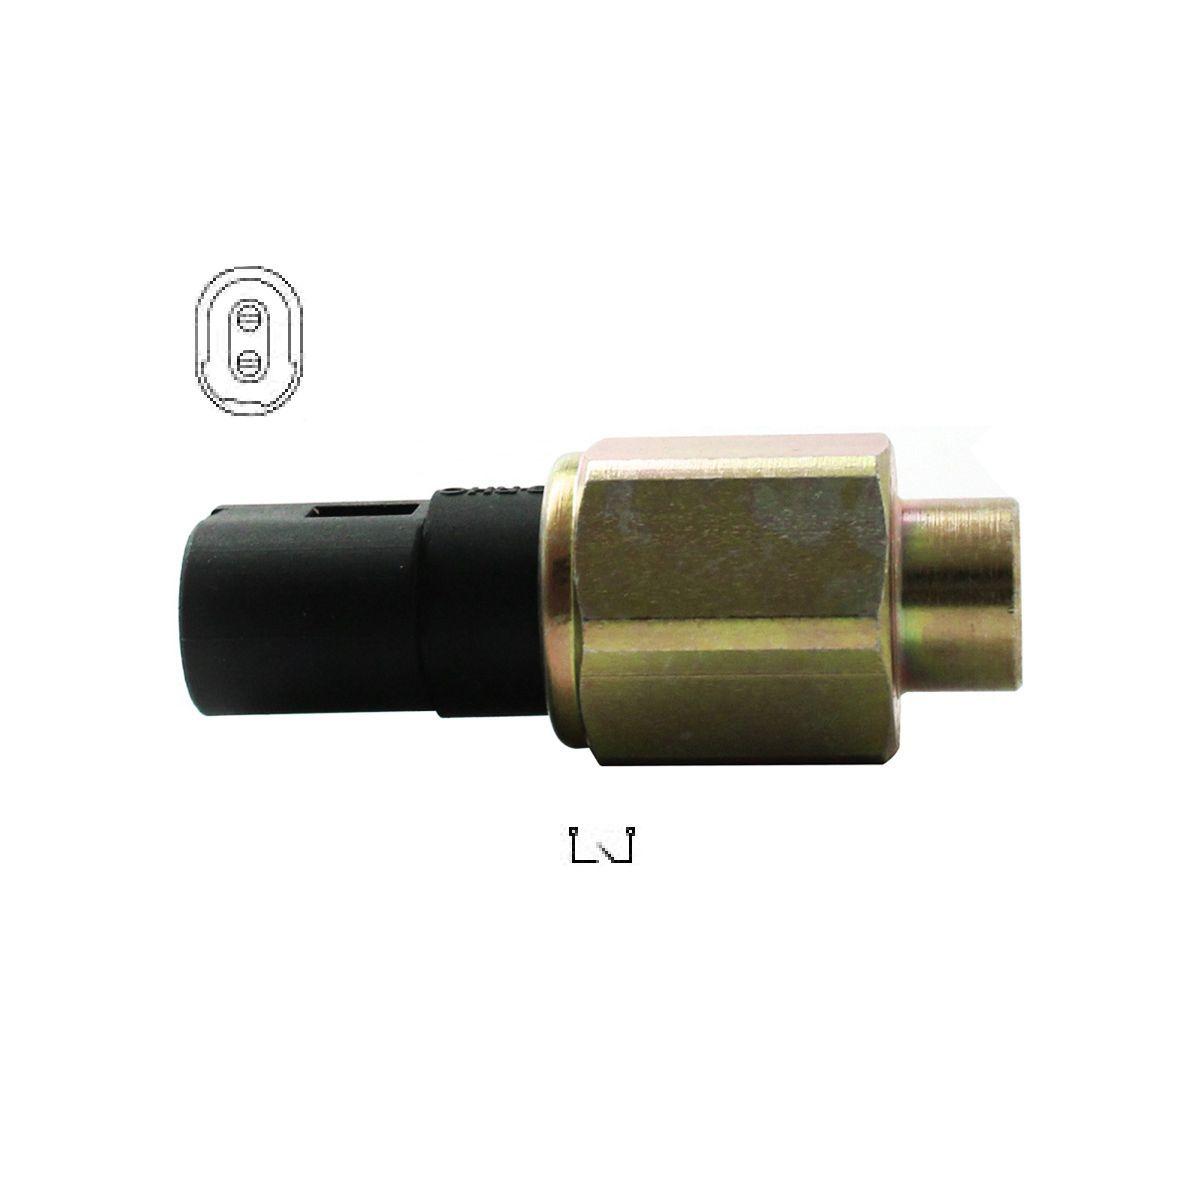 Interruptor De Pressão Da Direção Hidráulica Clio/ Scenic/ Kangoo/ Logan/ Megane/ Duster 3-RHO 9907